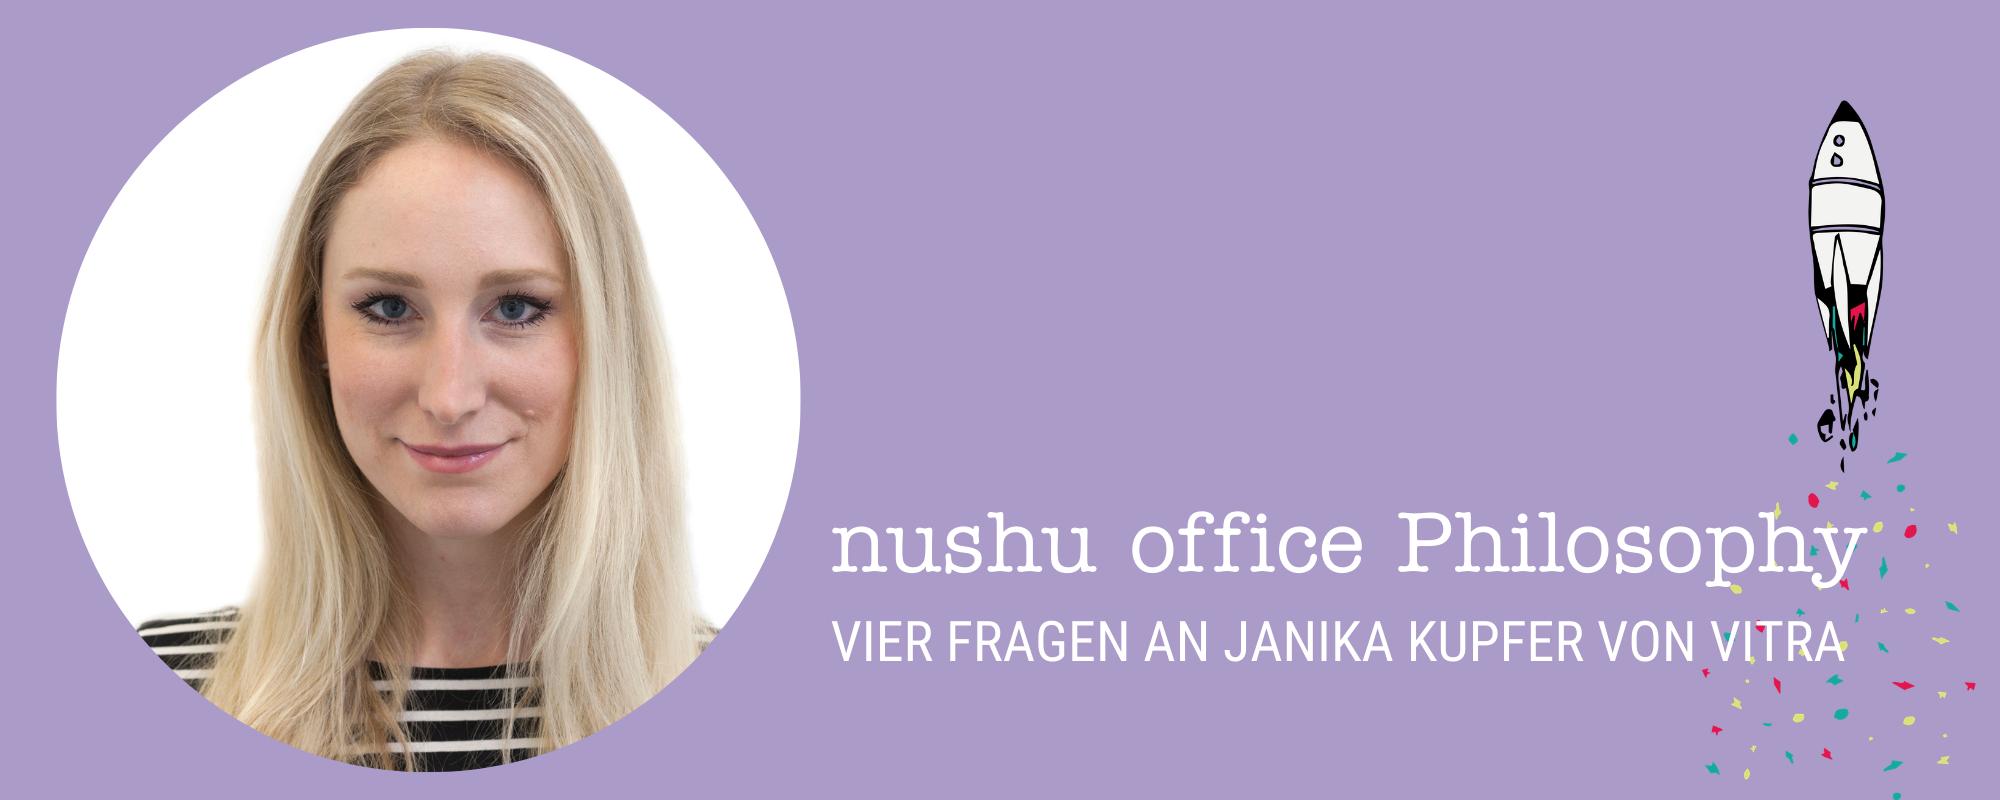 4 Fragen an Janika Kupfer von vitra